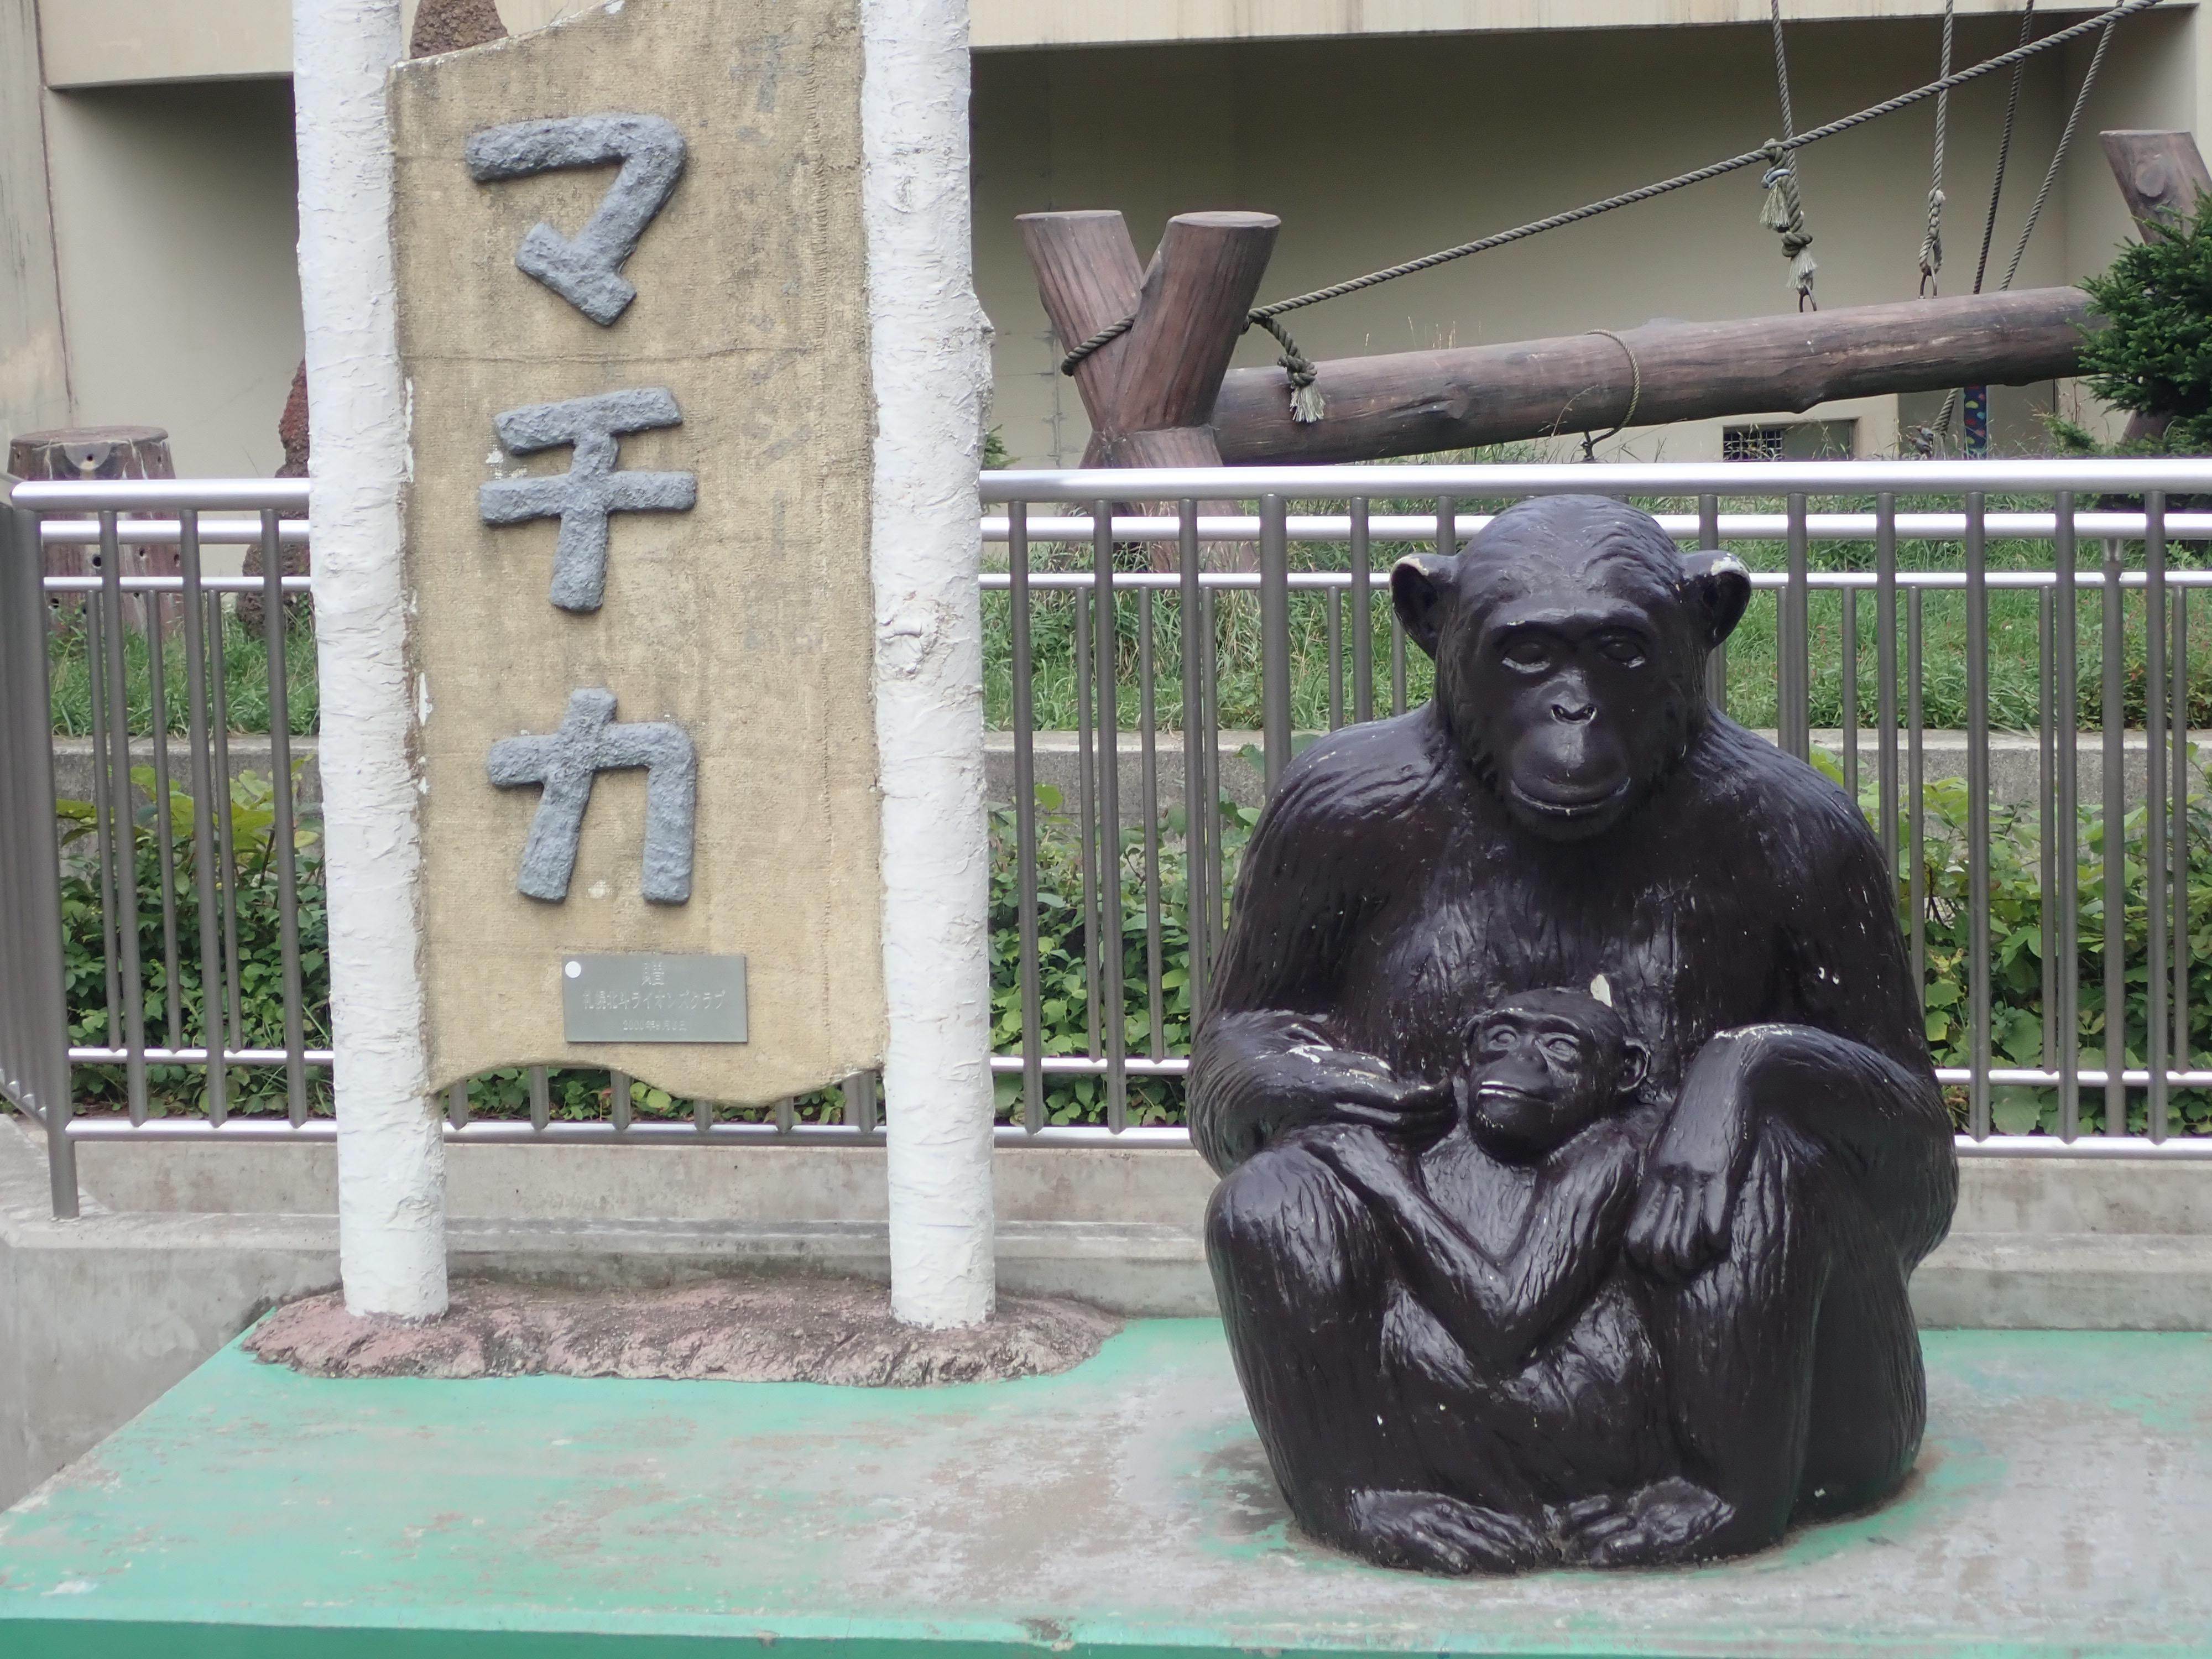 円山動物園のチンパンジー館の入り口にあるチンパンジーの像